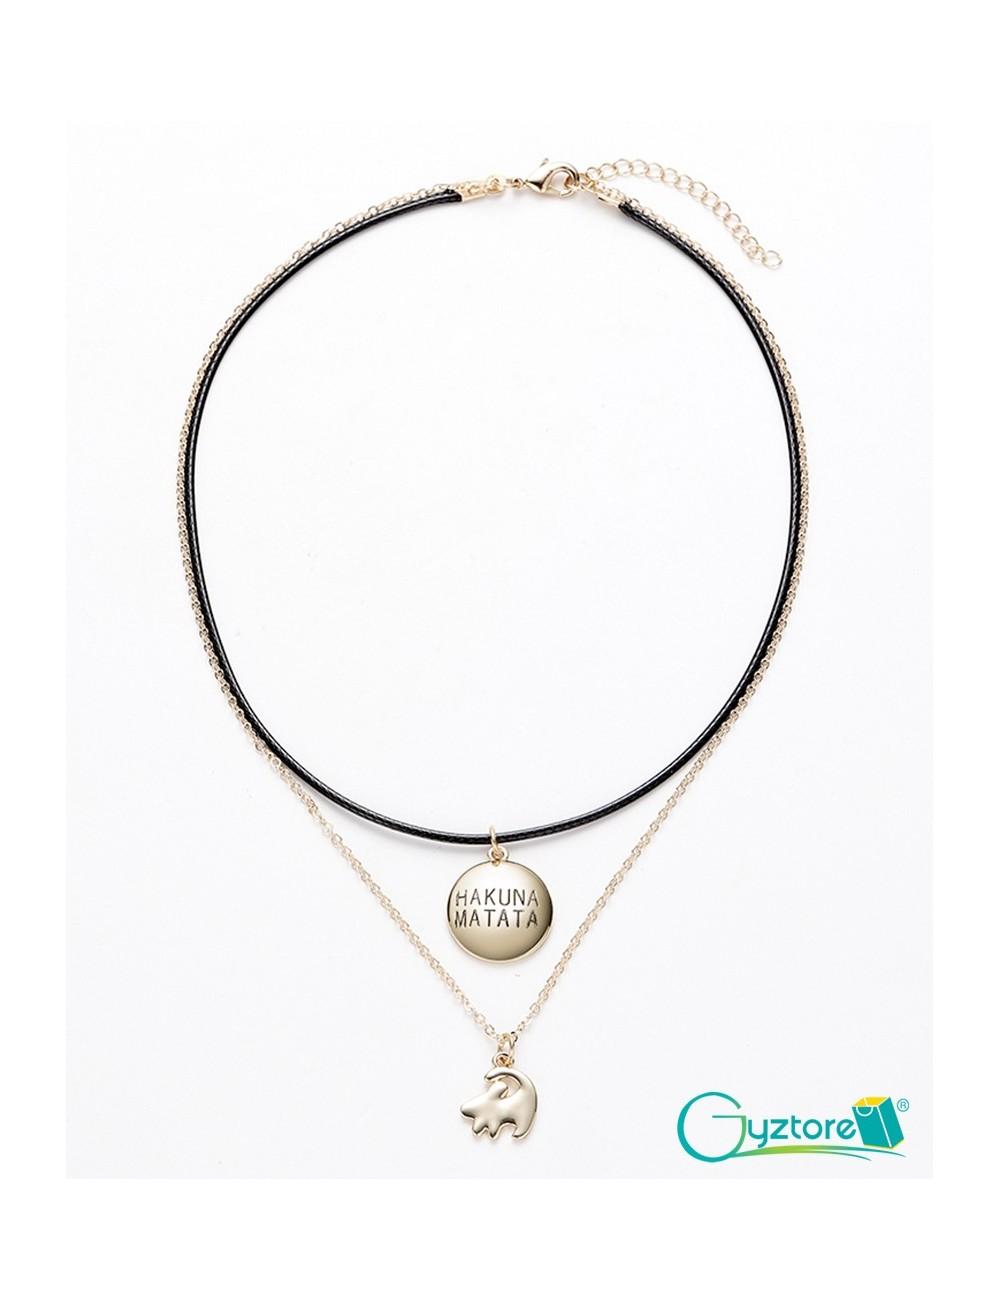 Collar Hakuna Matata